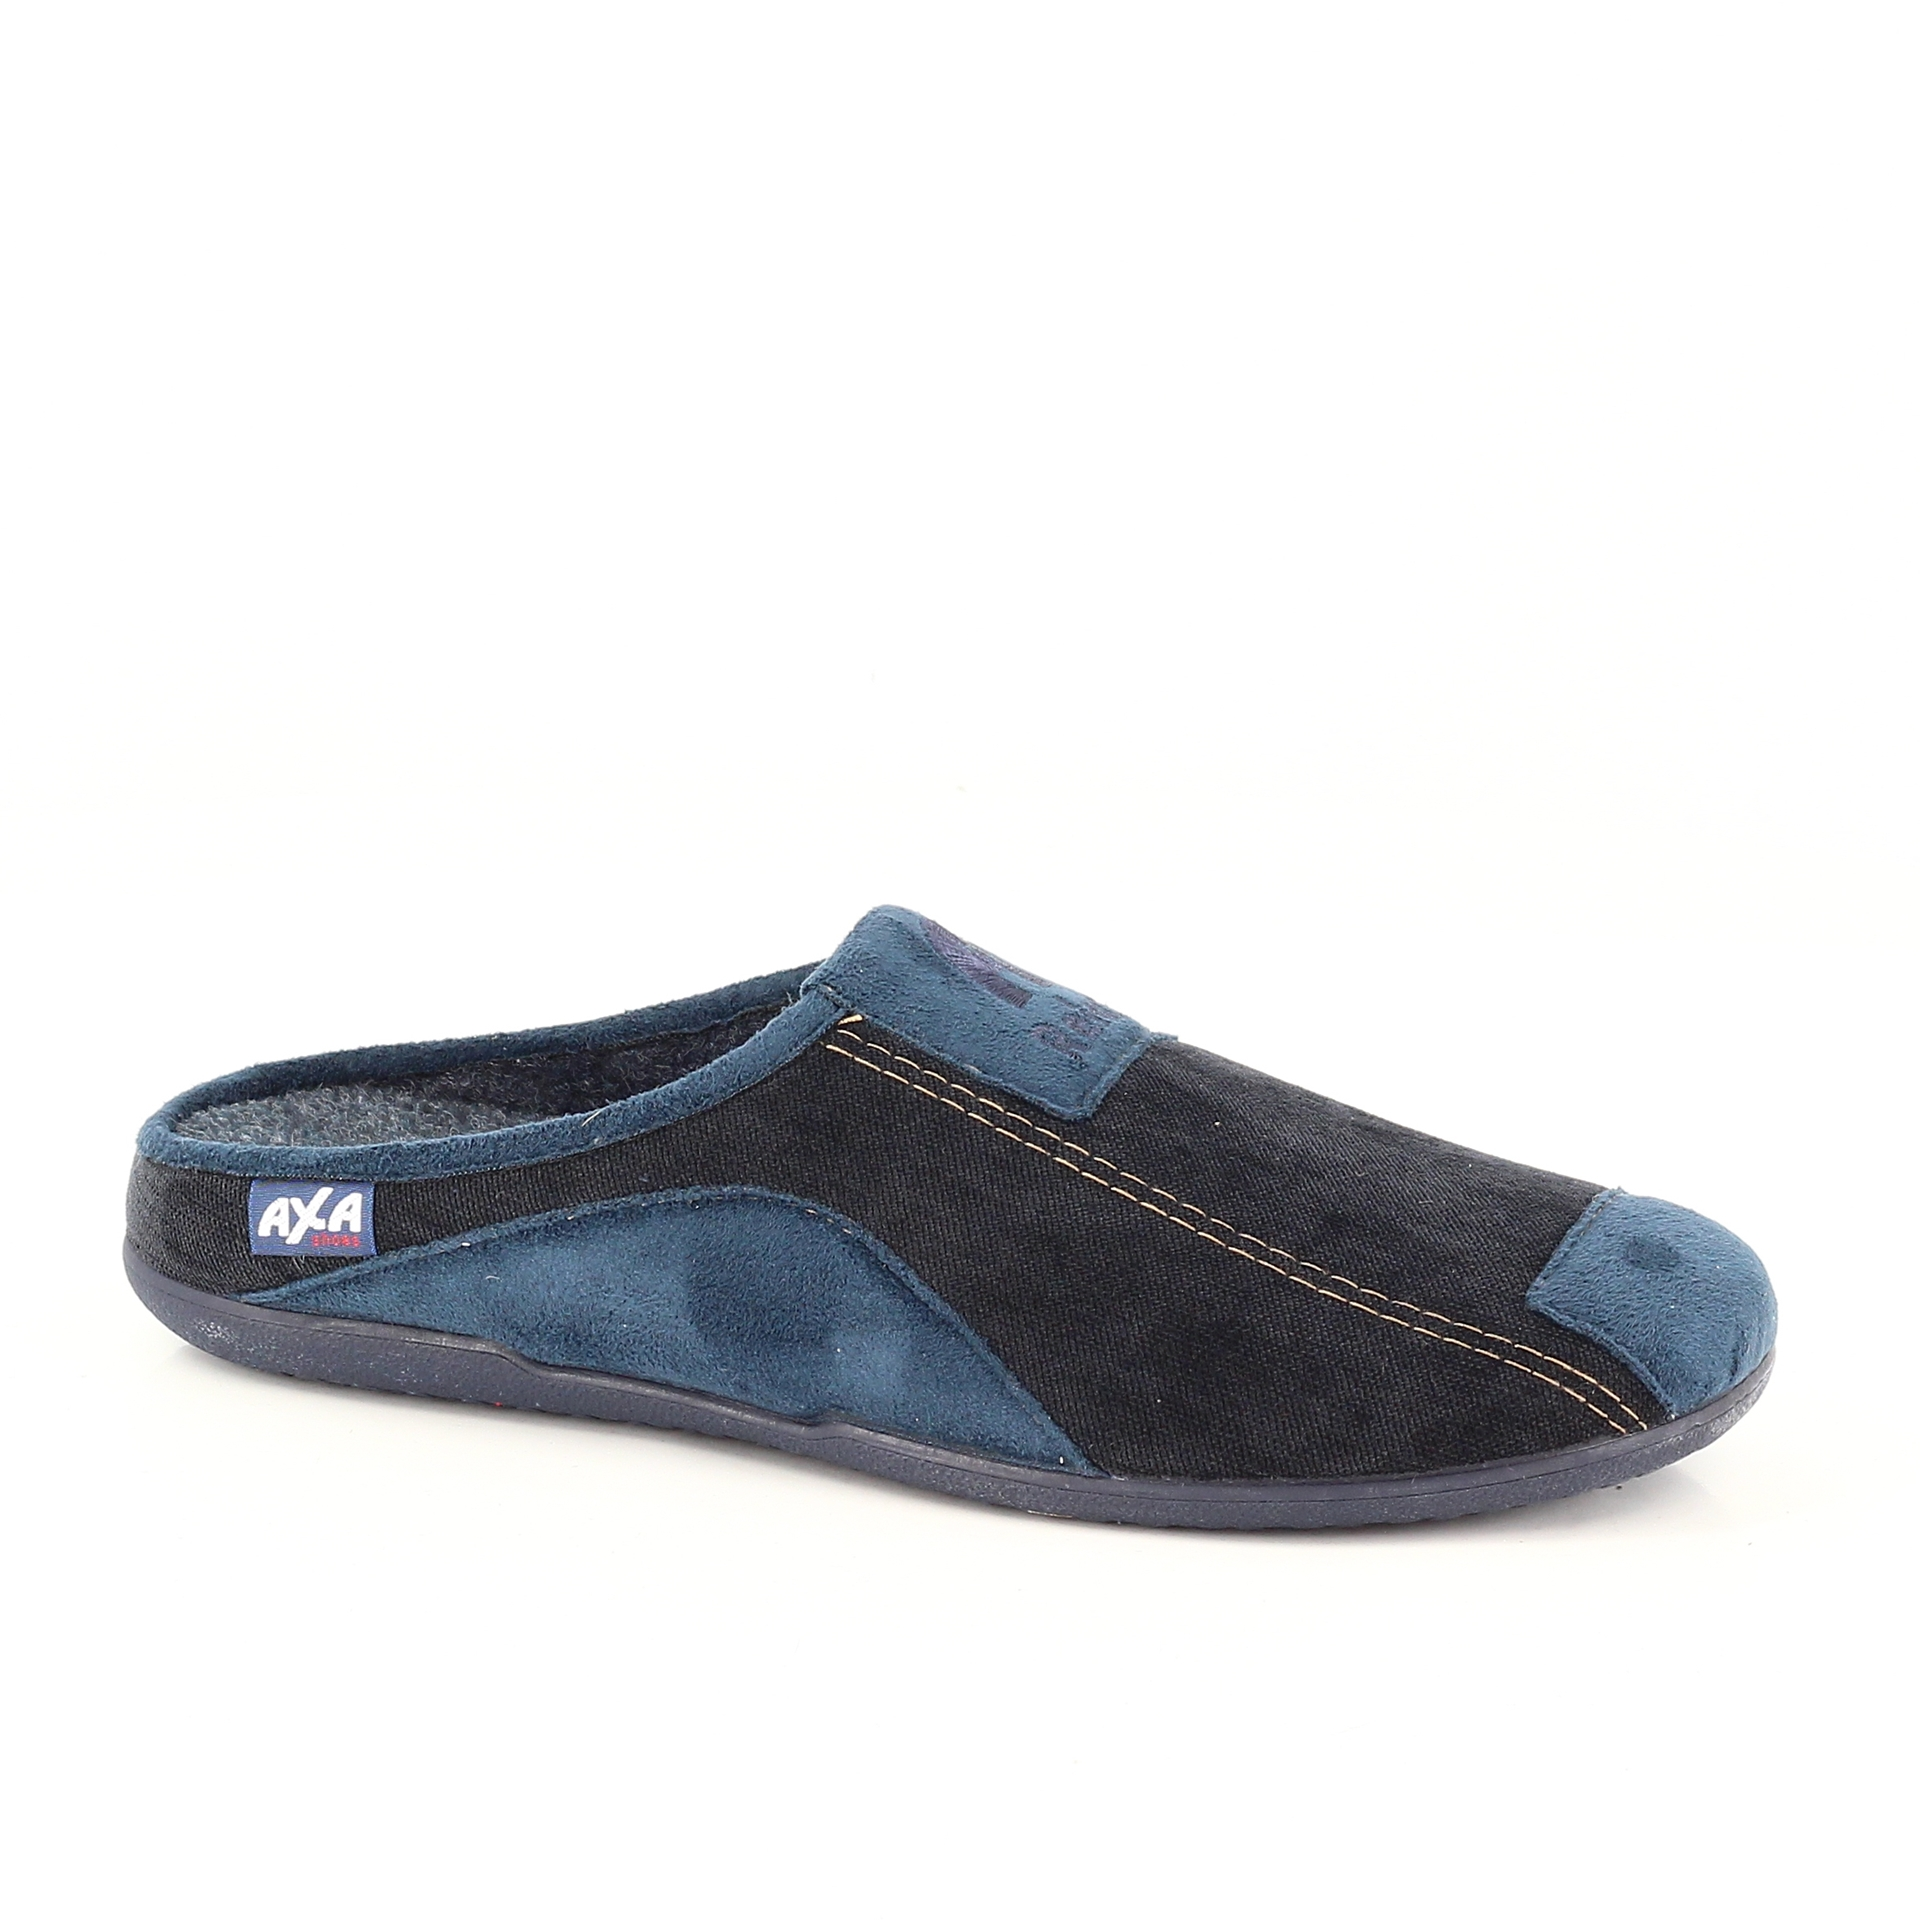 Bercolini Kényelmes cipők Intermax, férfi, papucs, textil